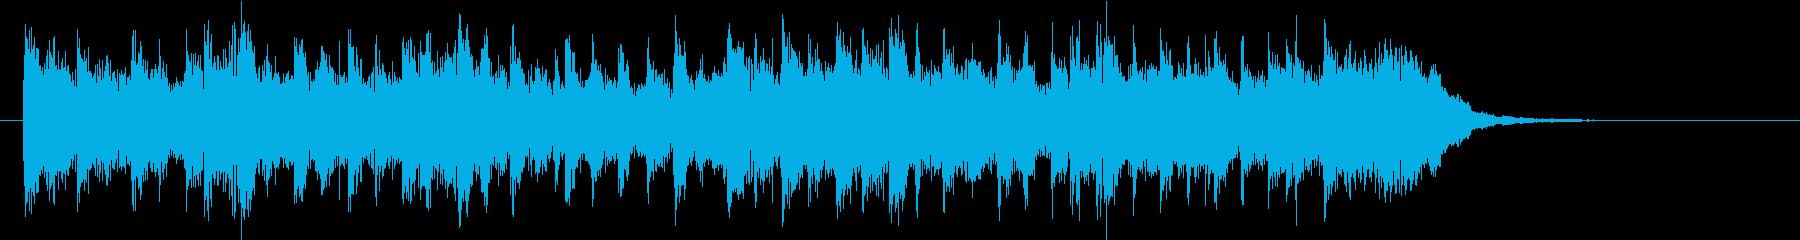 軽快なピアノのポップスのジングルの再生済みの波形